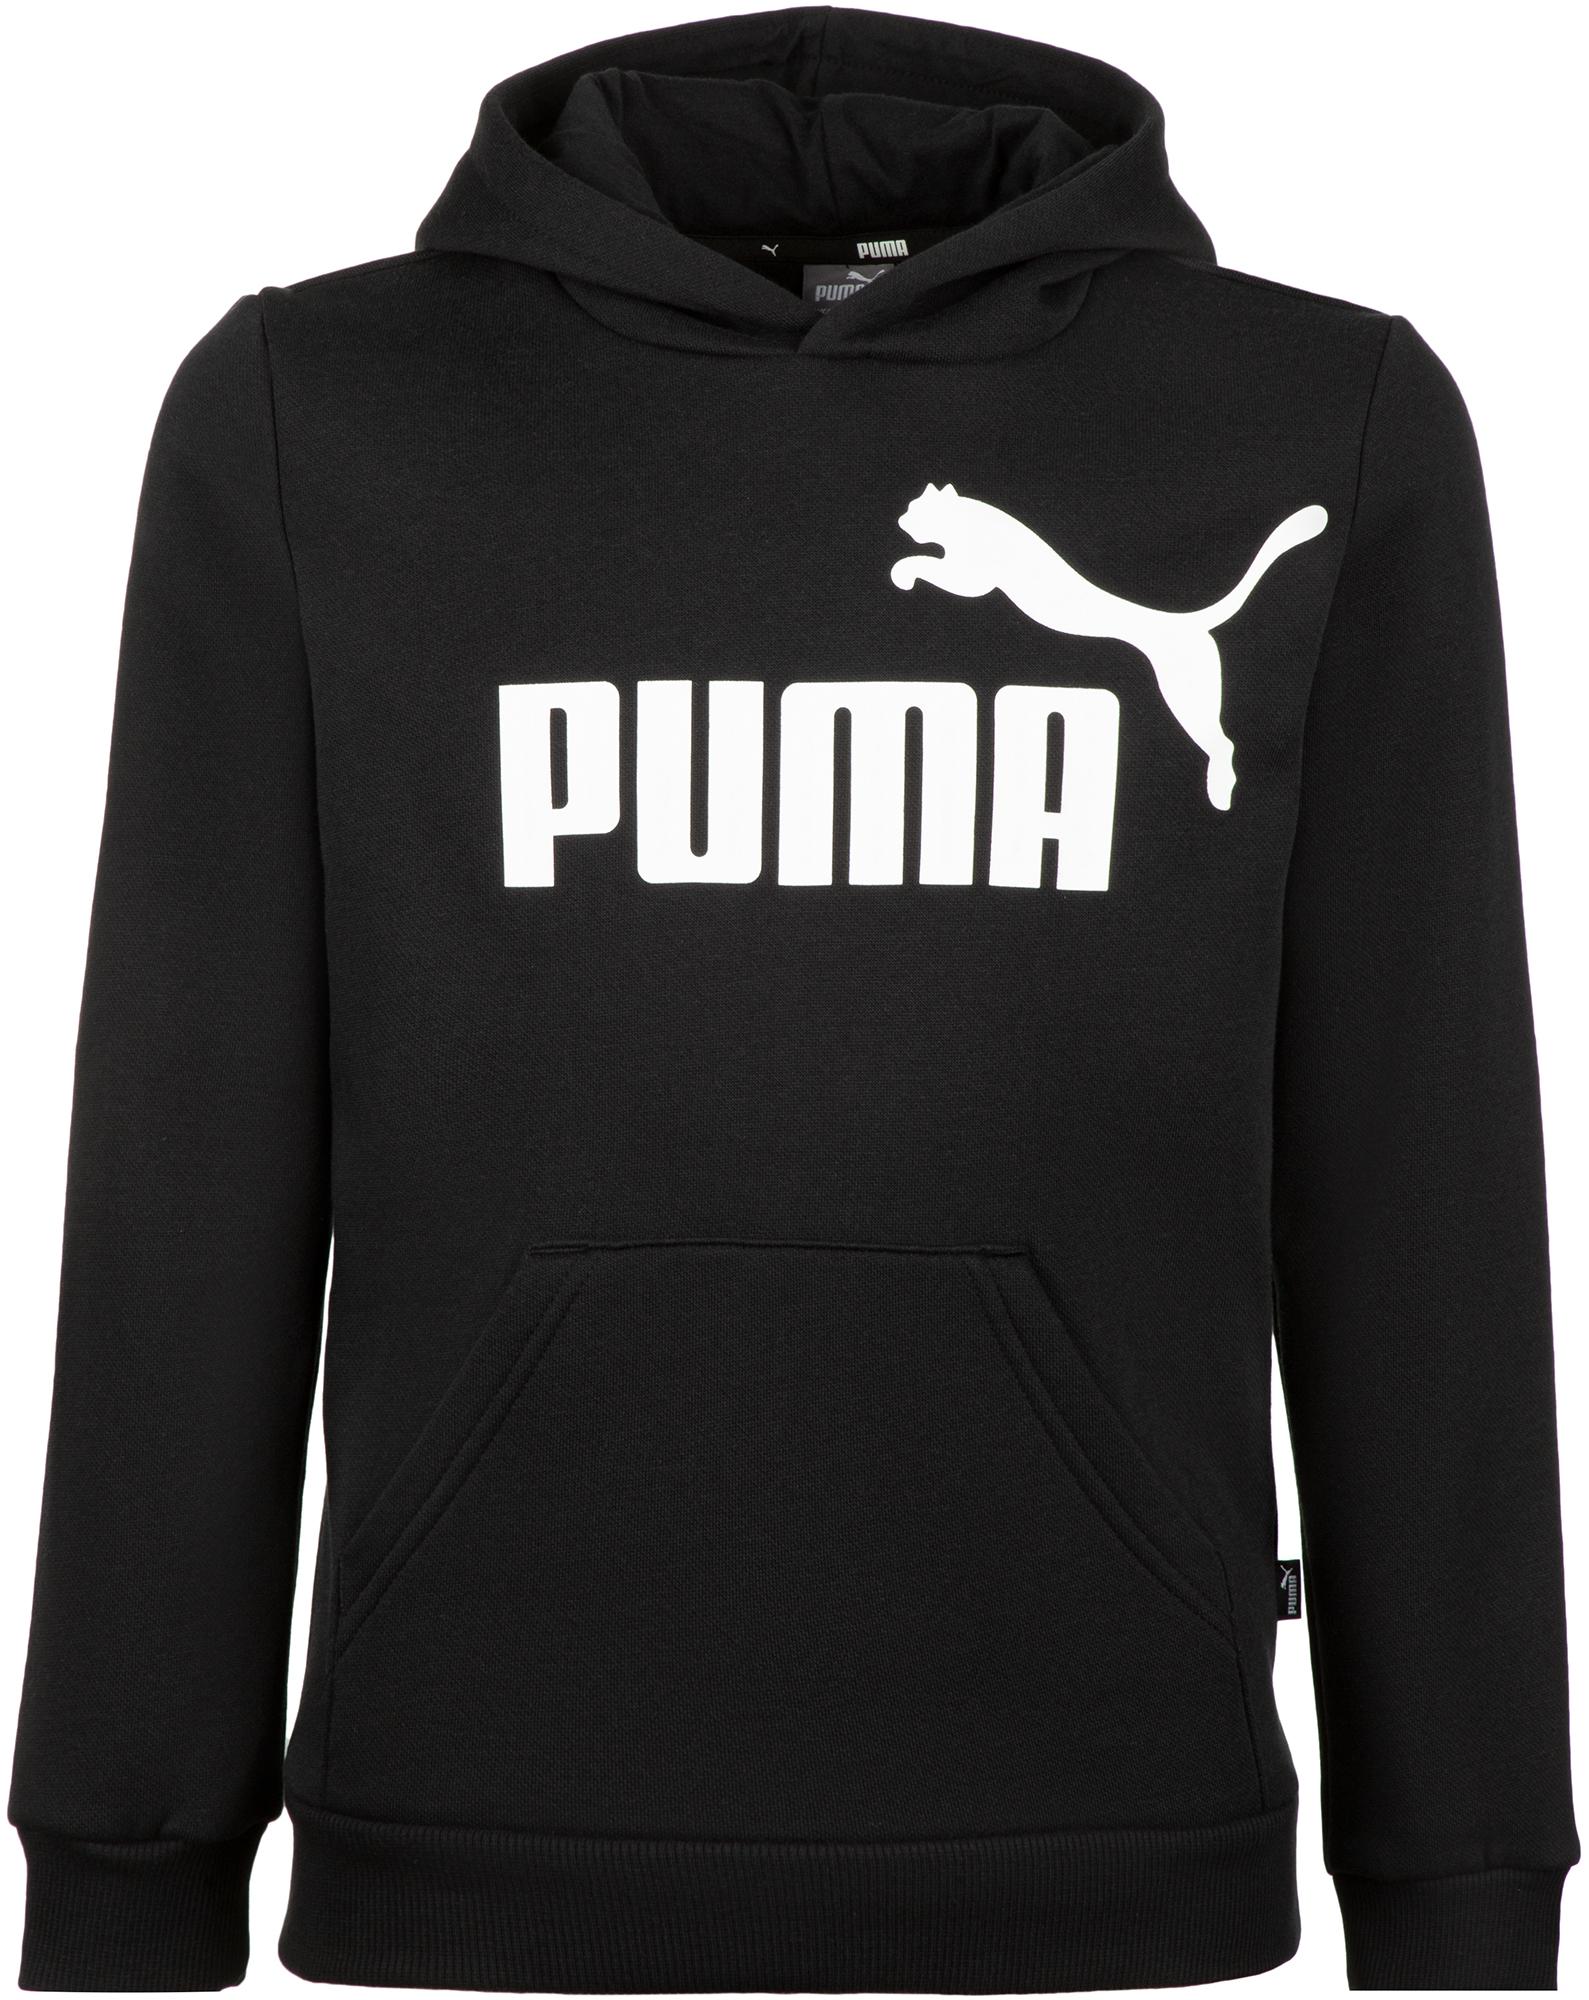 худи женское adidas ess 3s fz hd цвет серый розовый br2438 размер s 42 44 Puma Худи для мальчиков Puma ESS Logo, размер 140